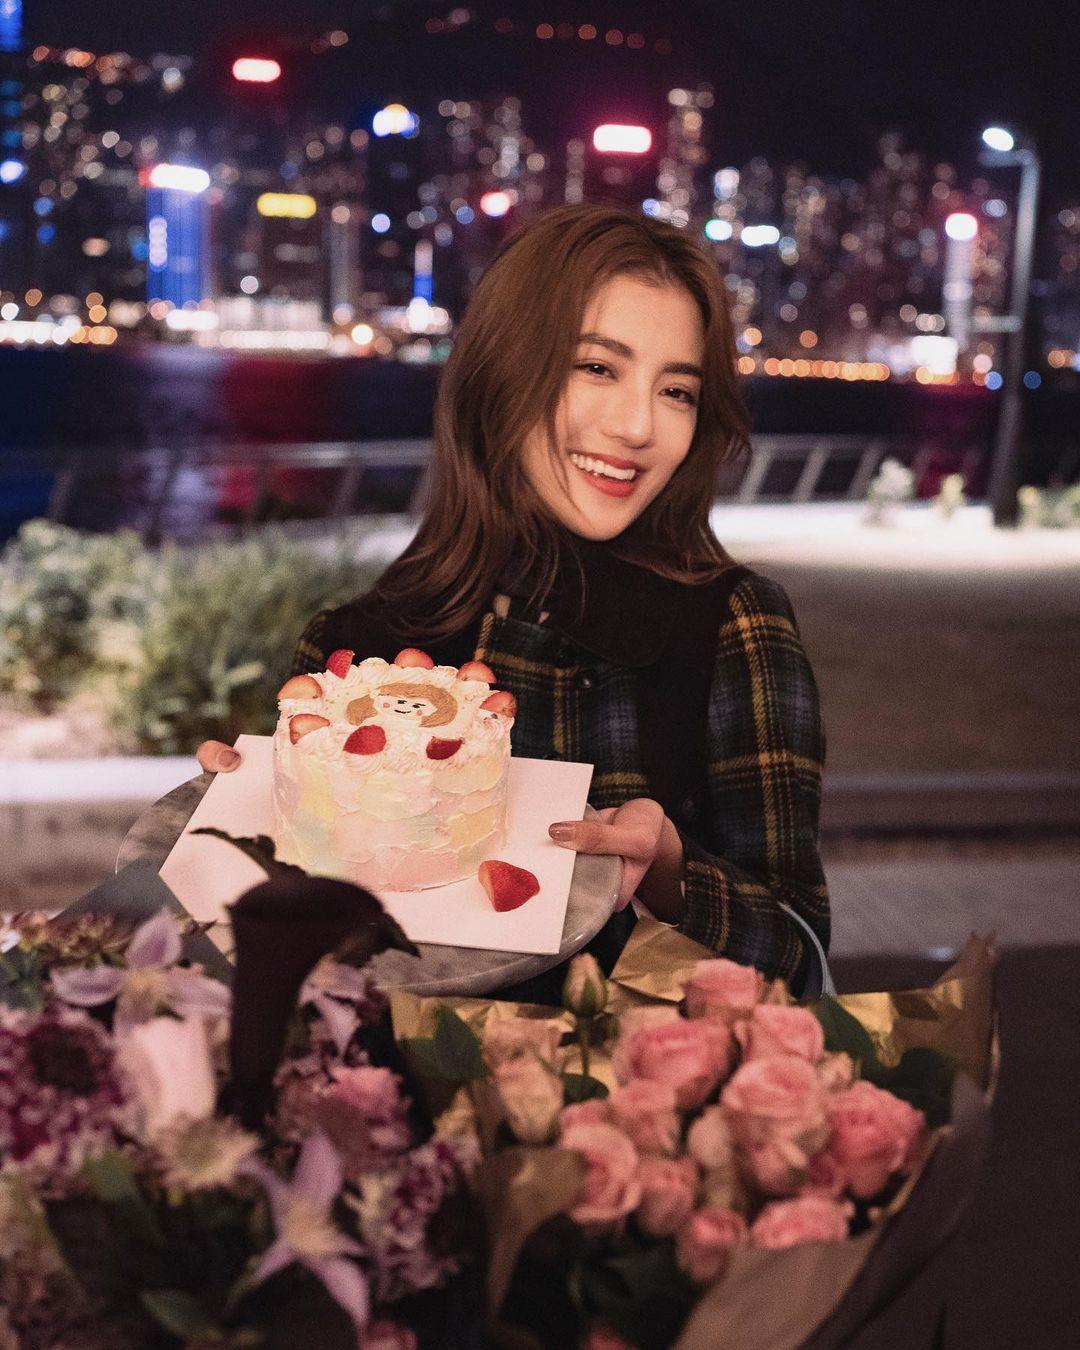 吳千語27歲生日 與蔡卓妍齊扮《Emily in Paris》